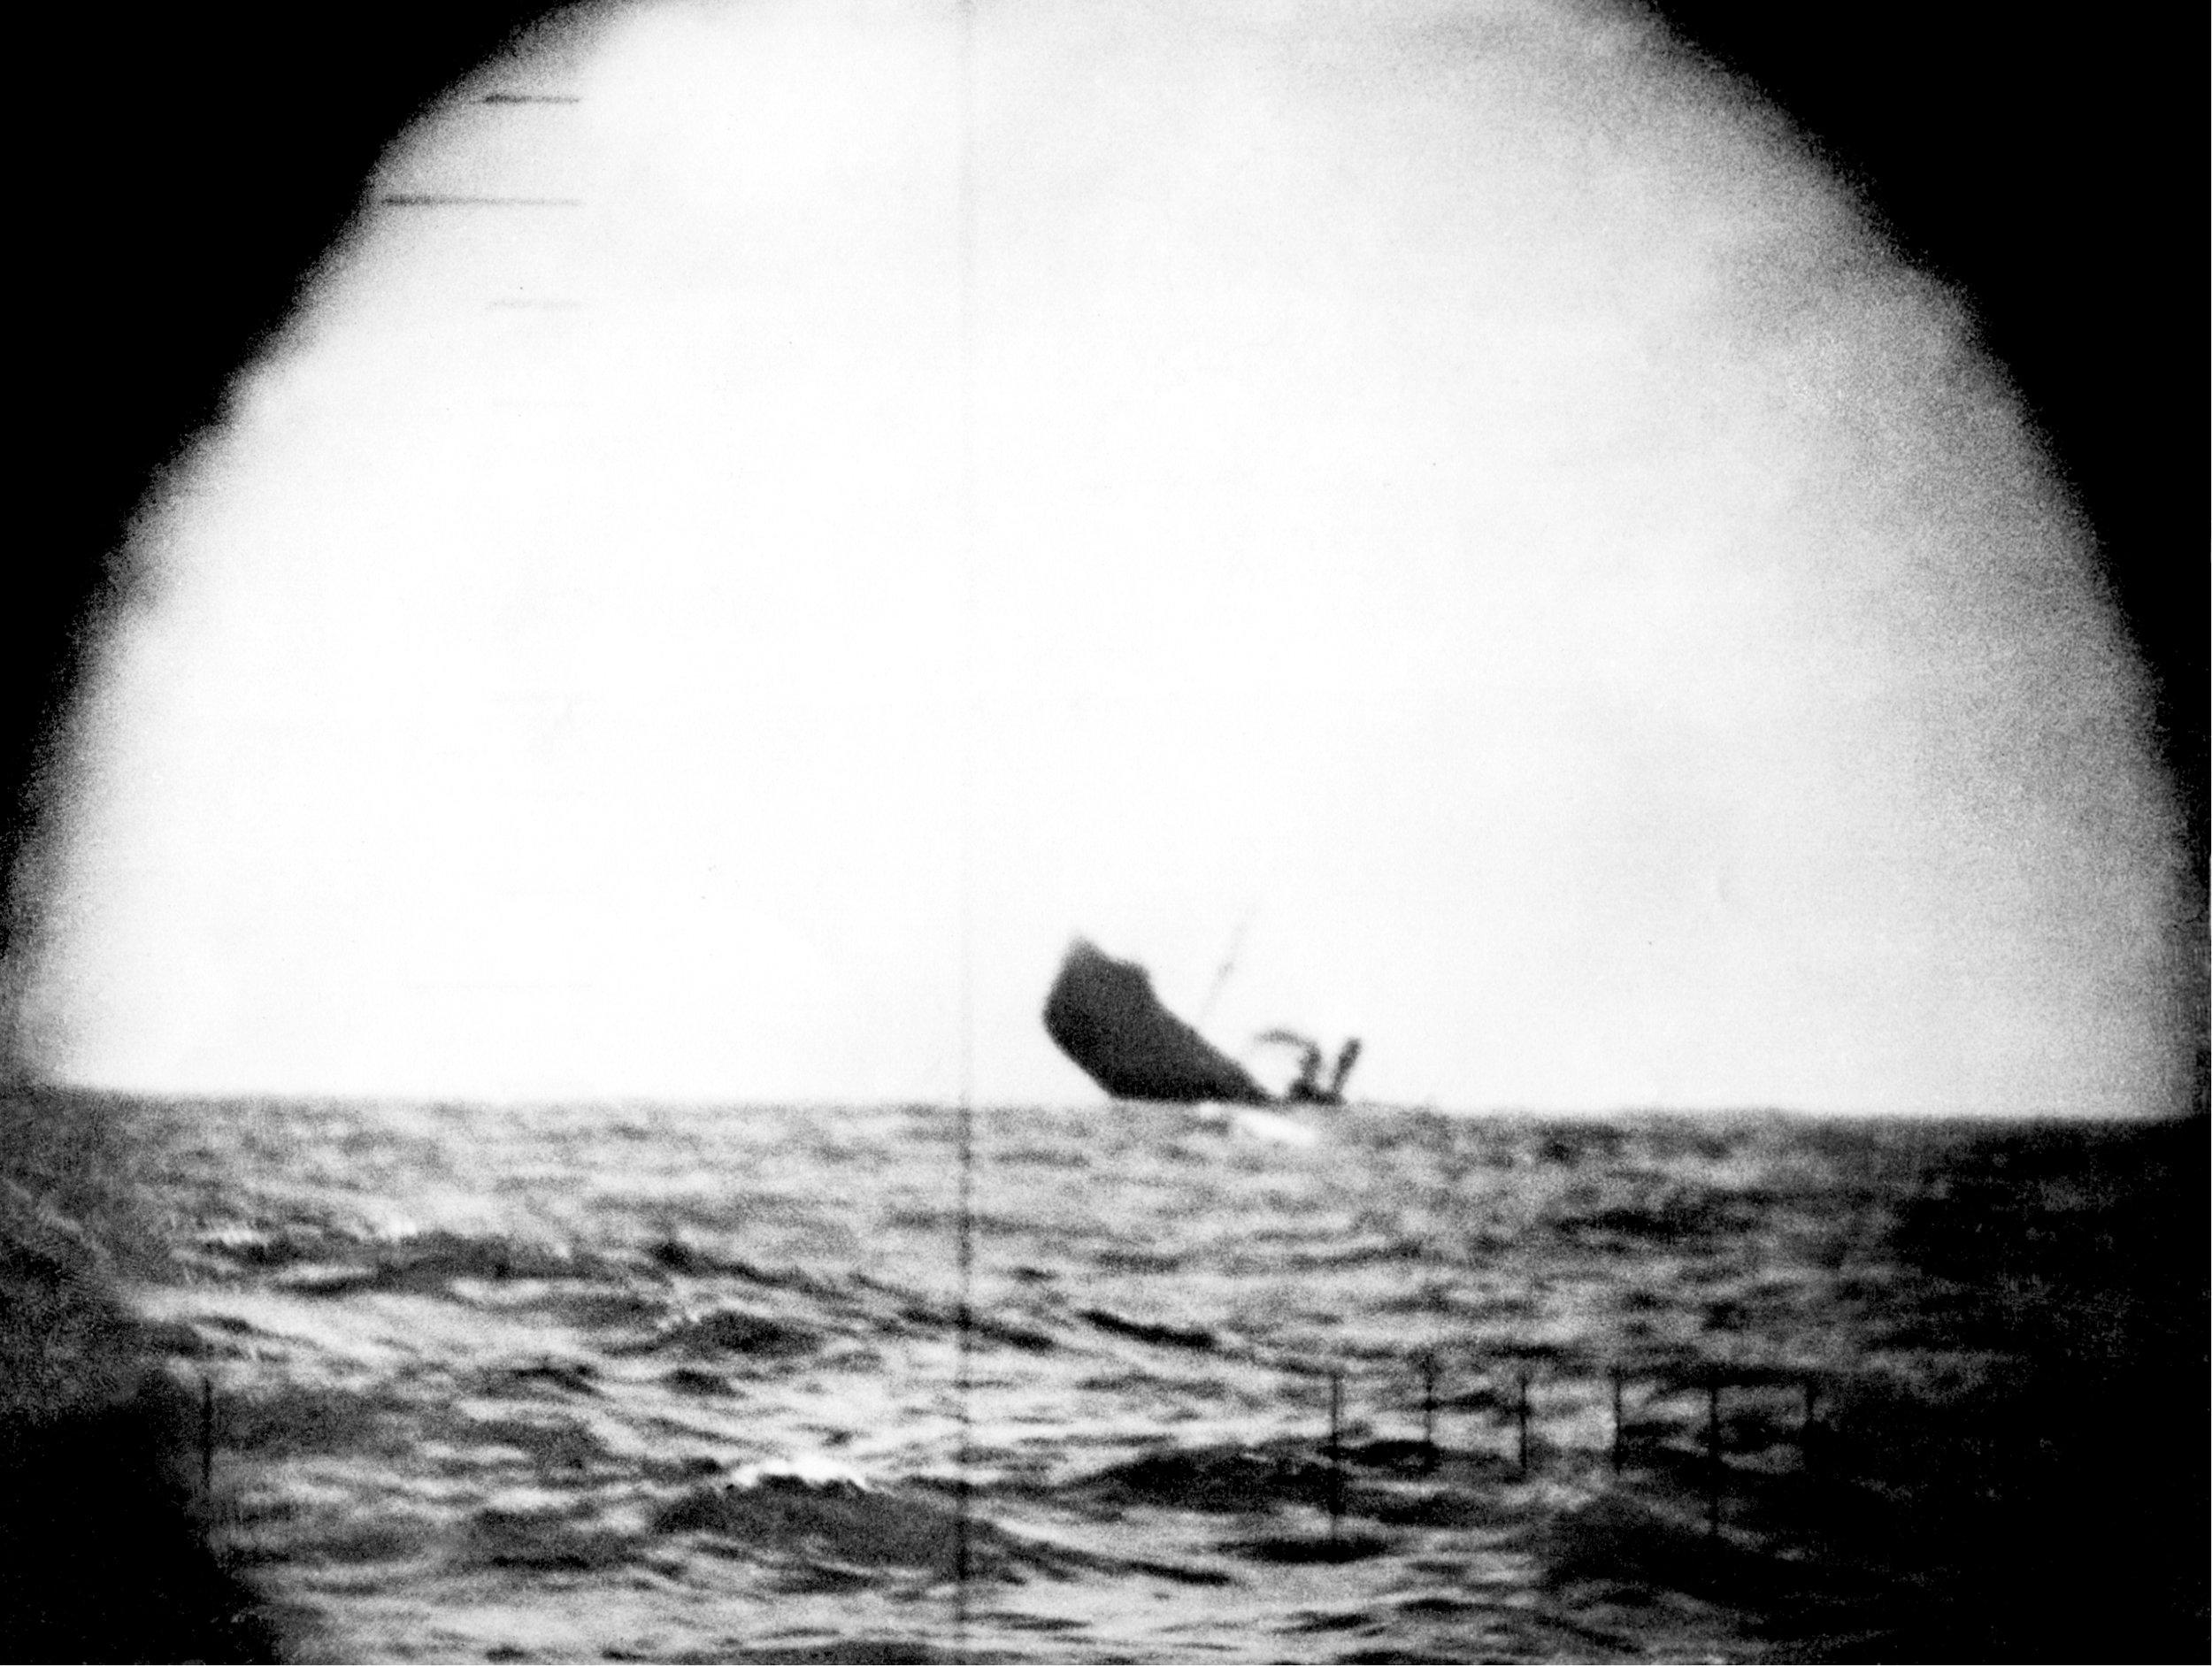 US submarine periscope photo of Japanese cargo ship being torpedoed